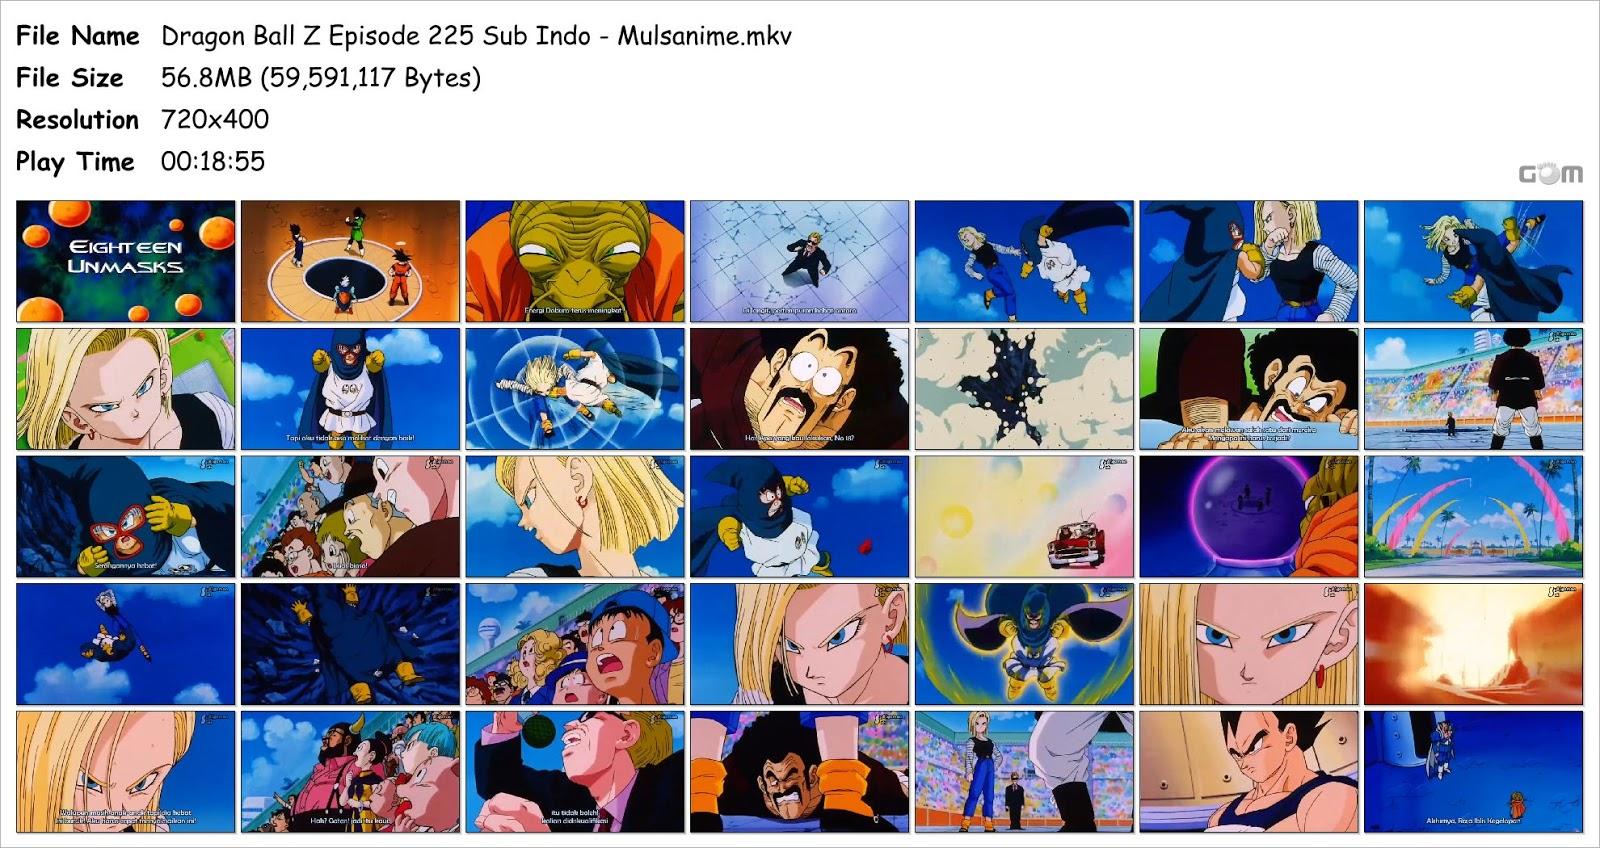 dbz episode 225